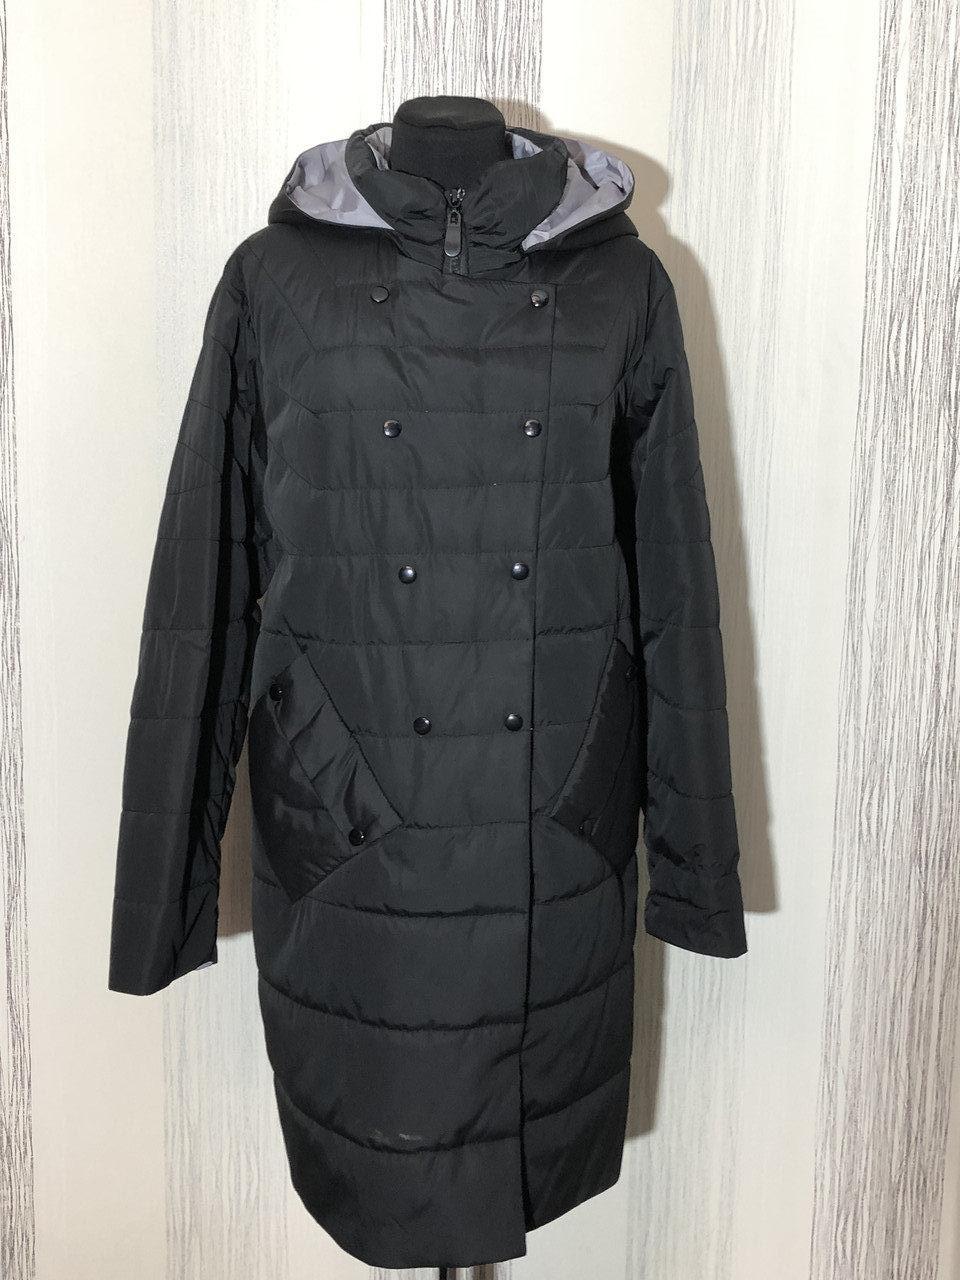 Женская демисезонная удлиненная куртка, размеры 46-54